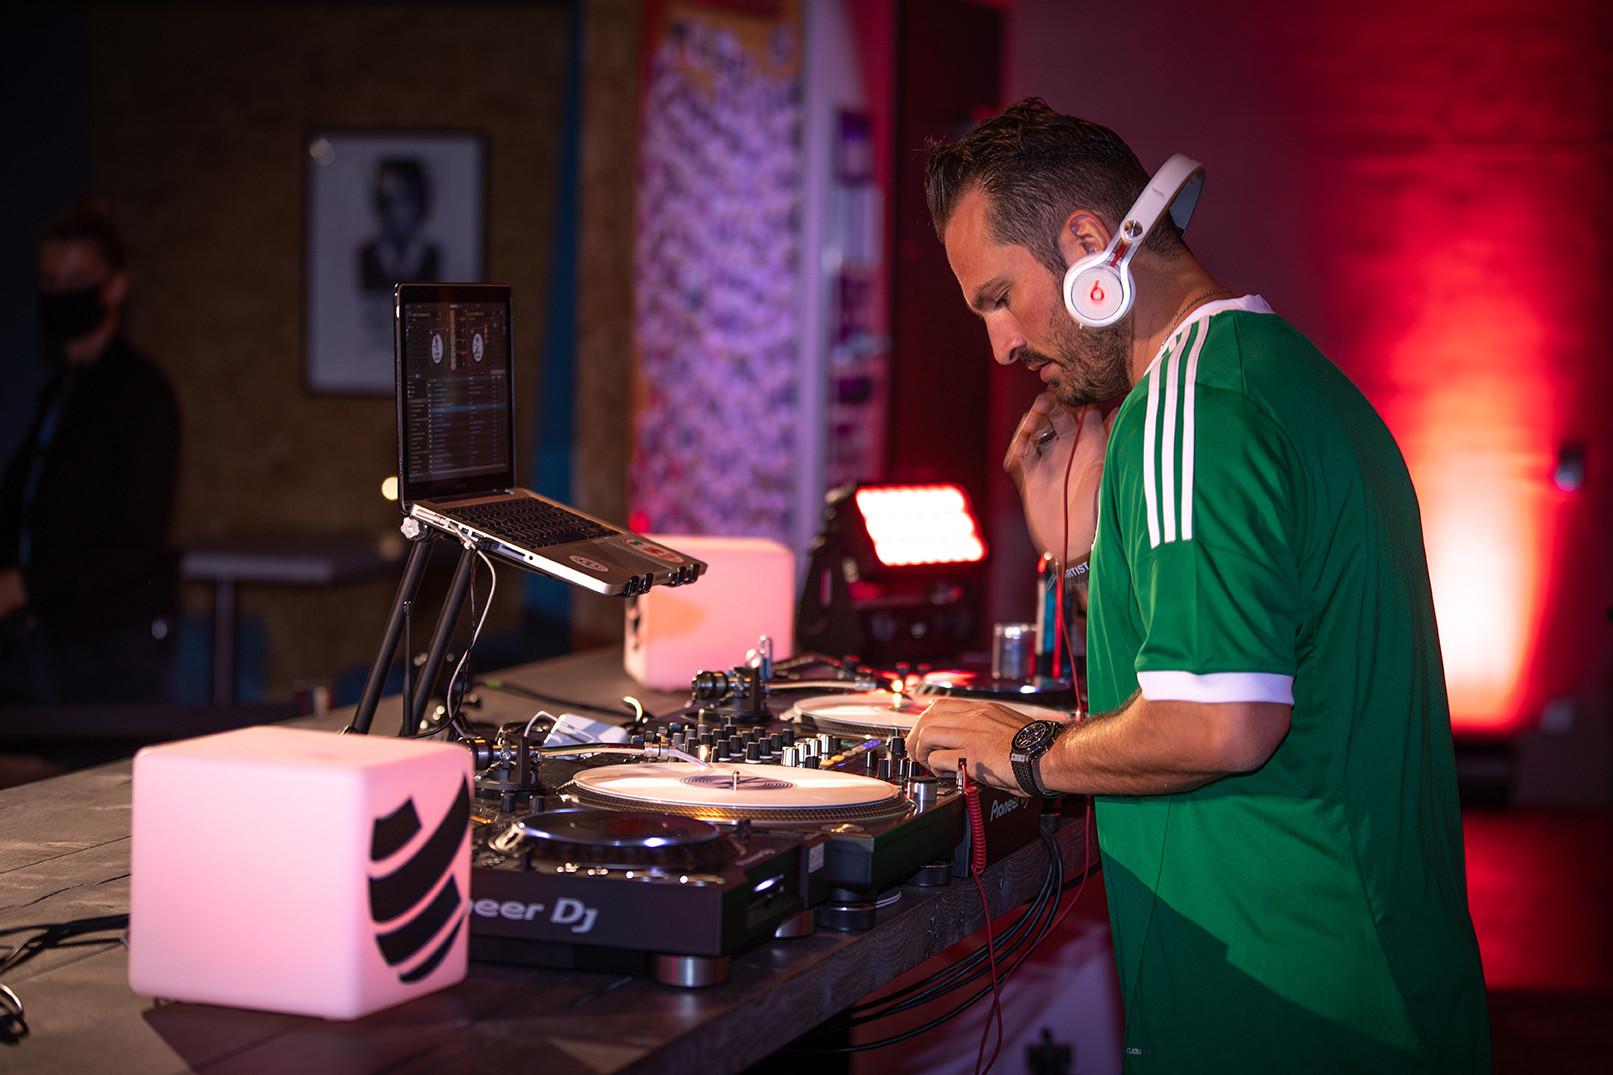 DJ TeddyO